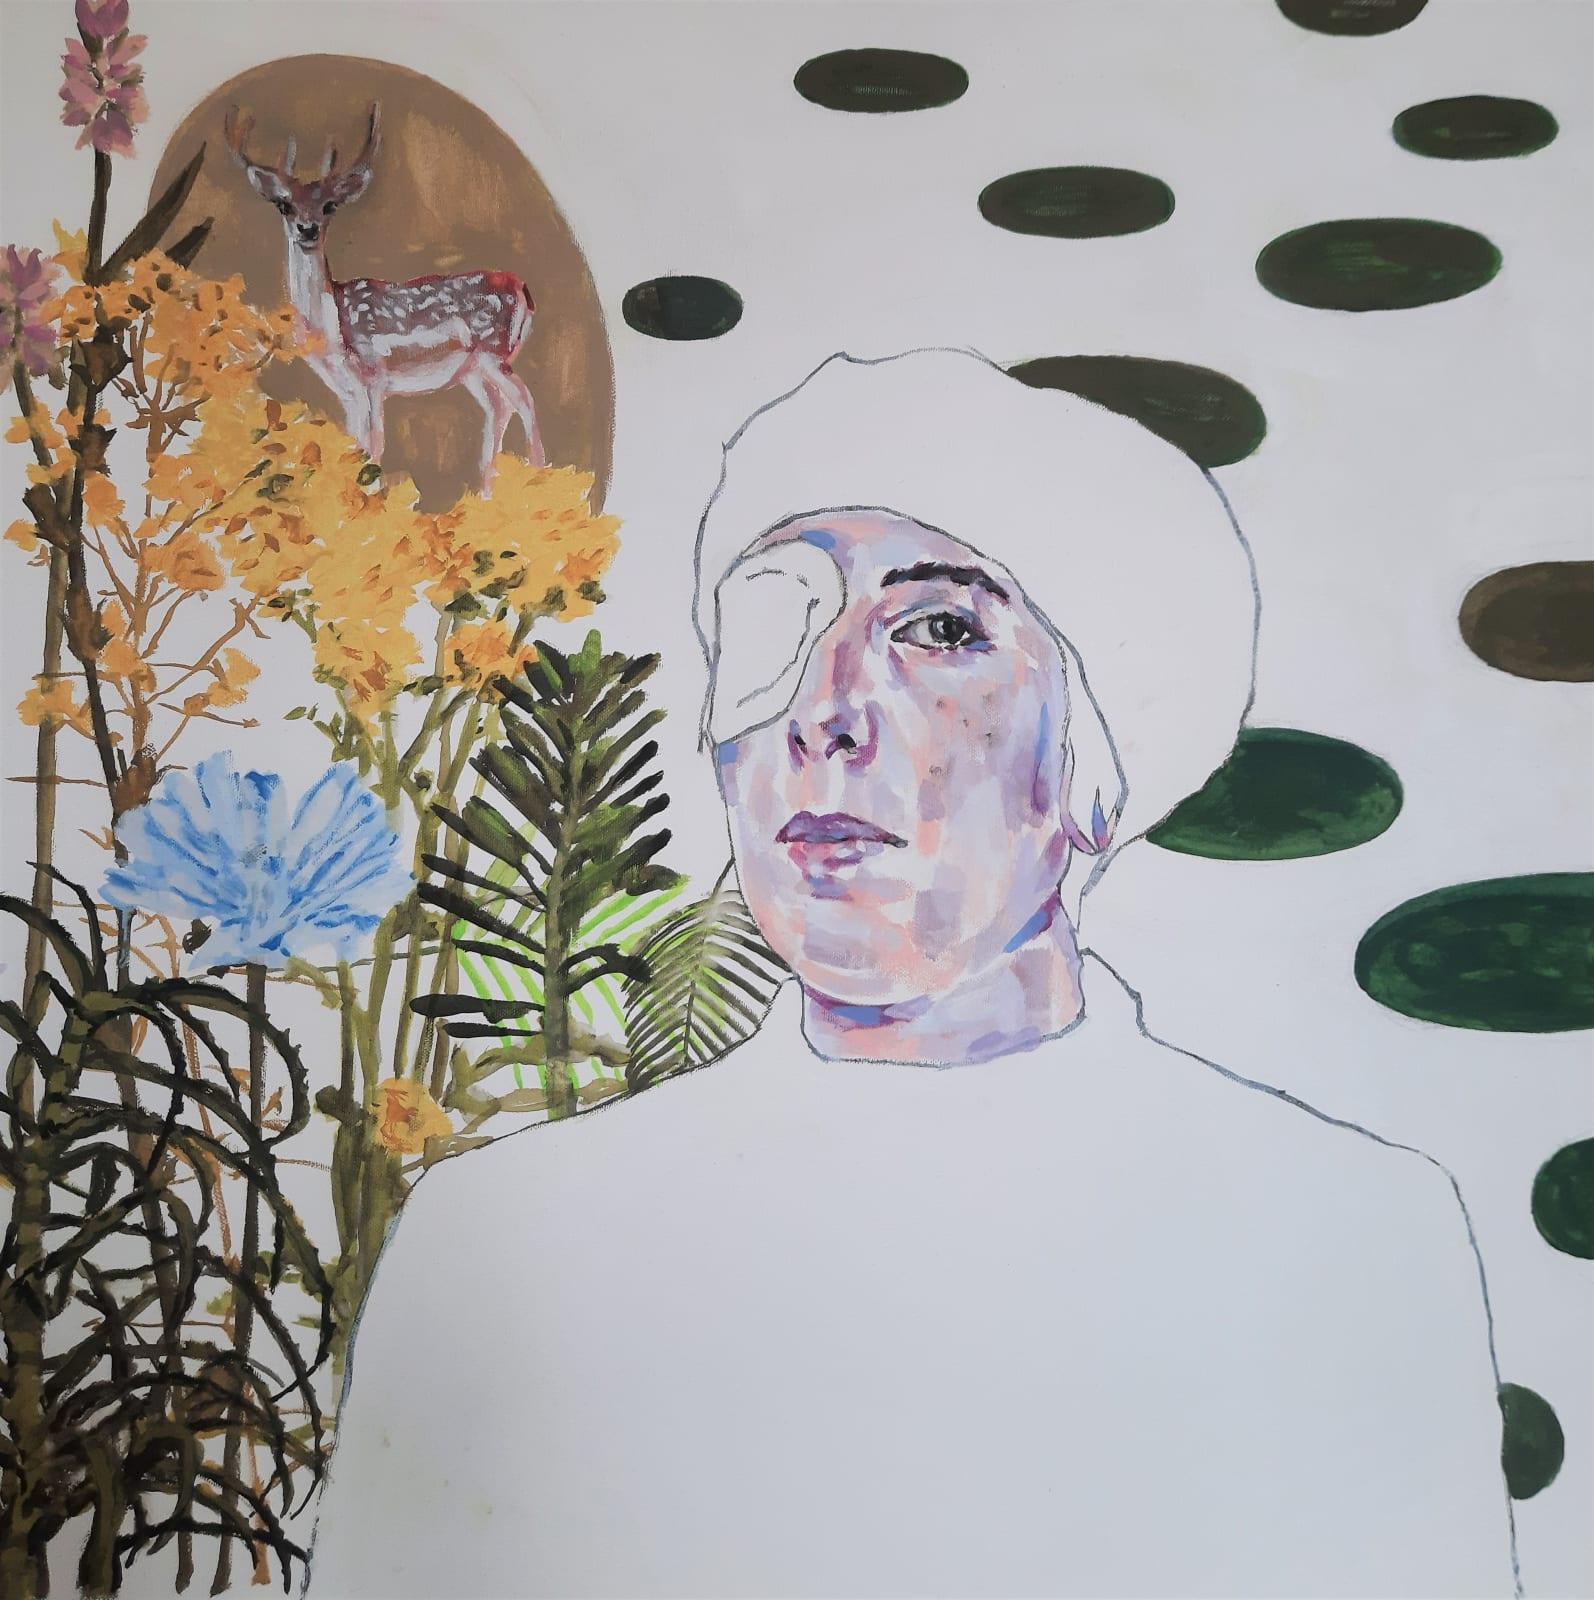 Barbara Bonfilio, Self Portrait with bandaged eye